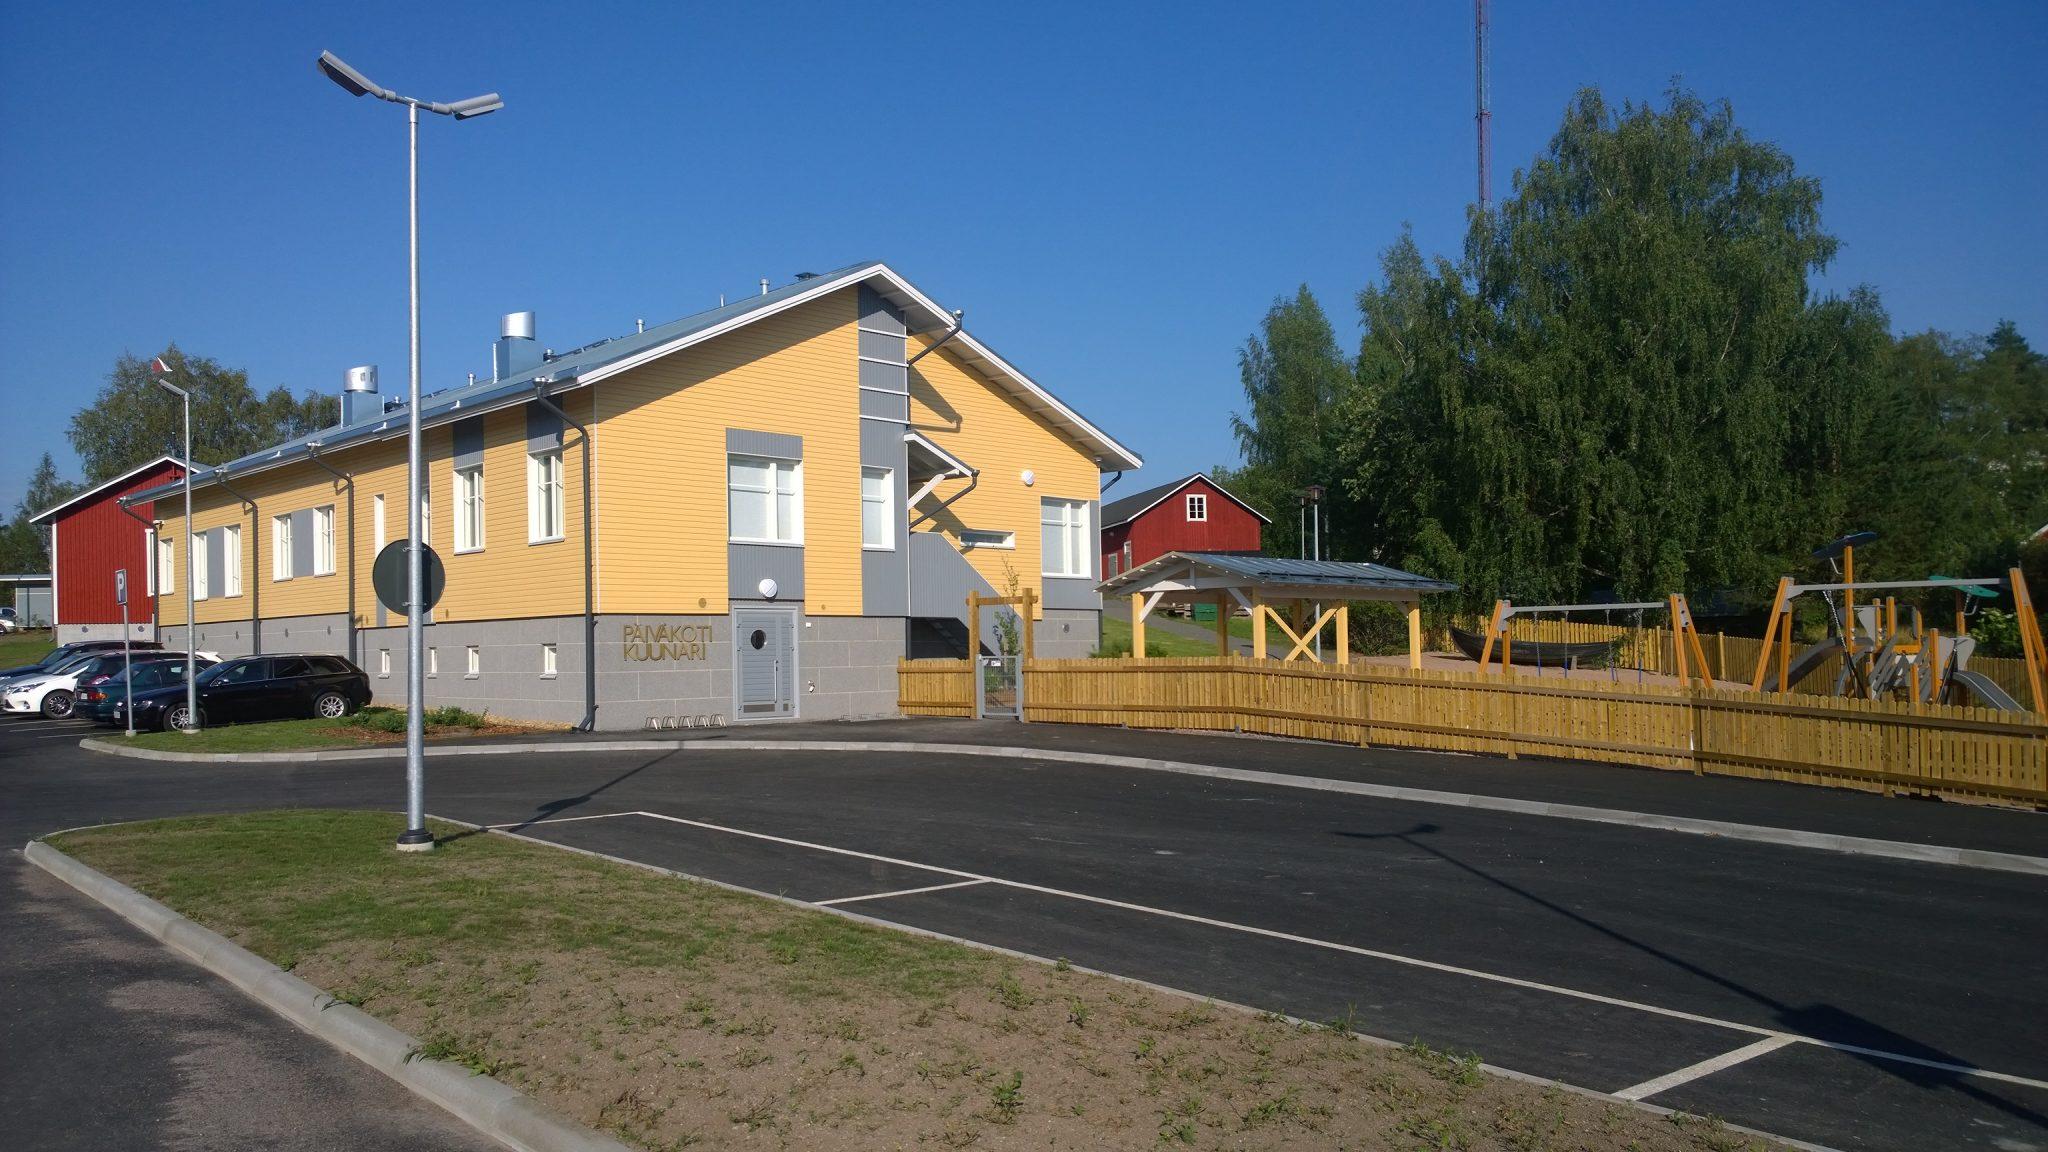 Päiväkoti Kuunarin rakennusurakointi valmistunut 6/2014